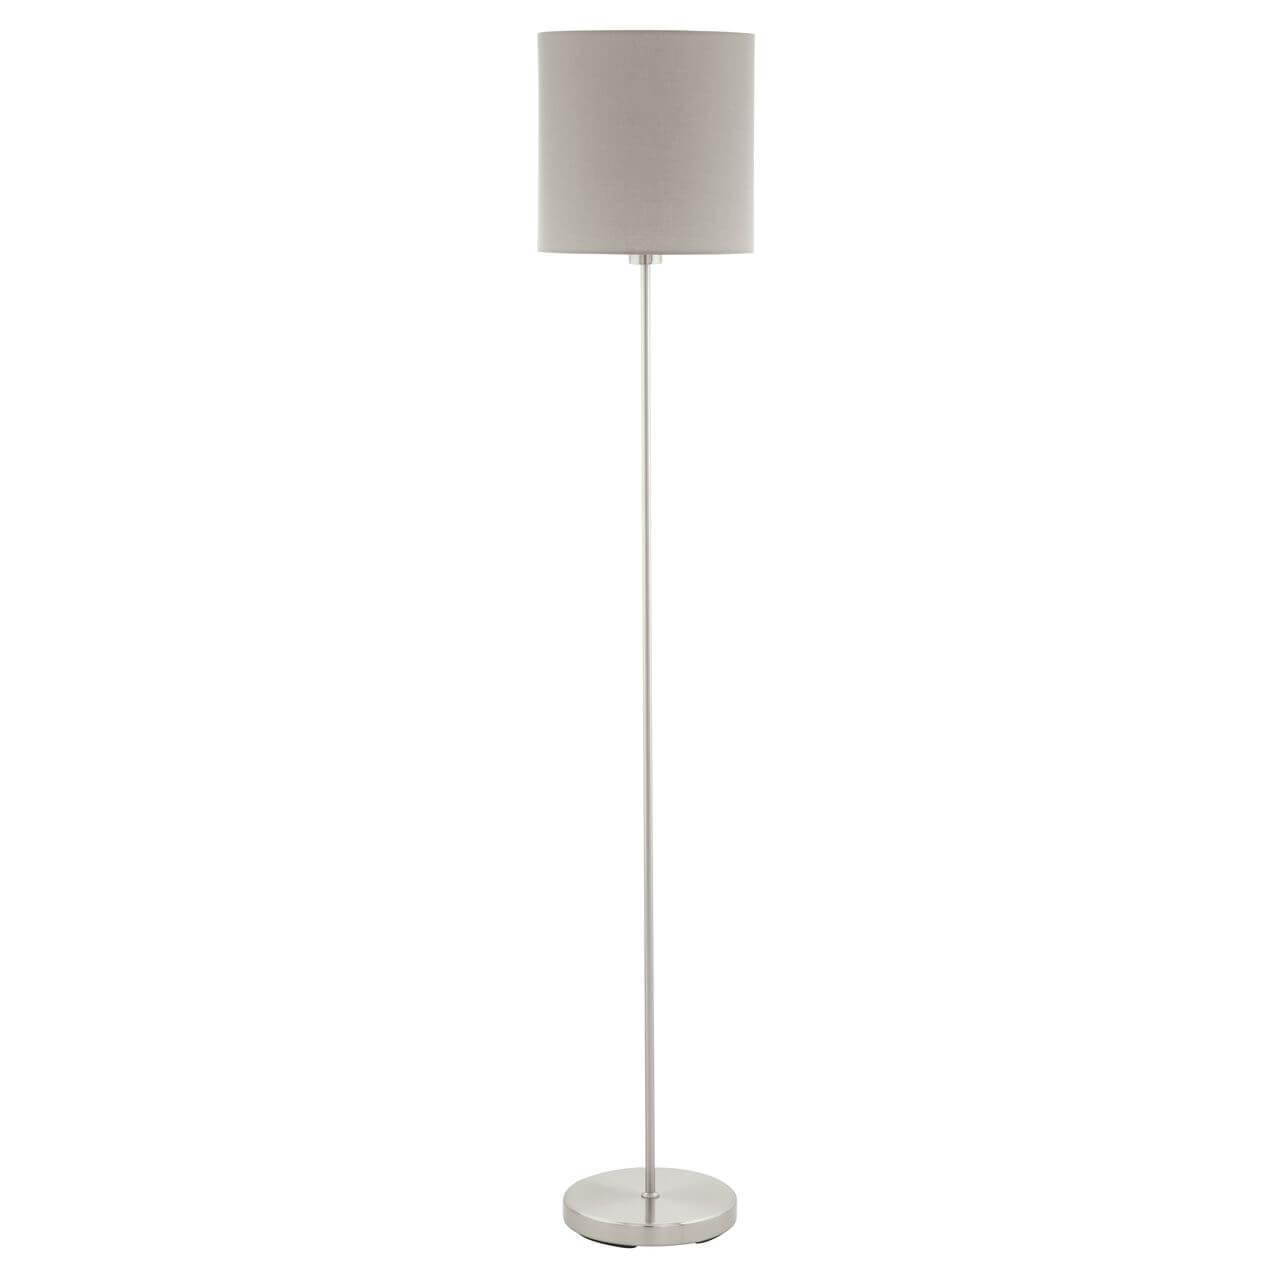 цена на Напольный светильник Eglo 95167, E27, 60 Вт